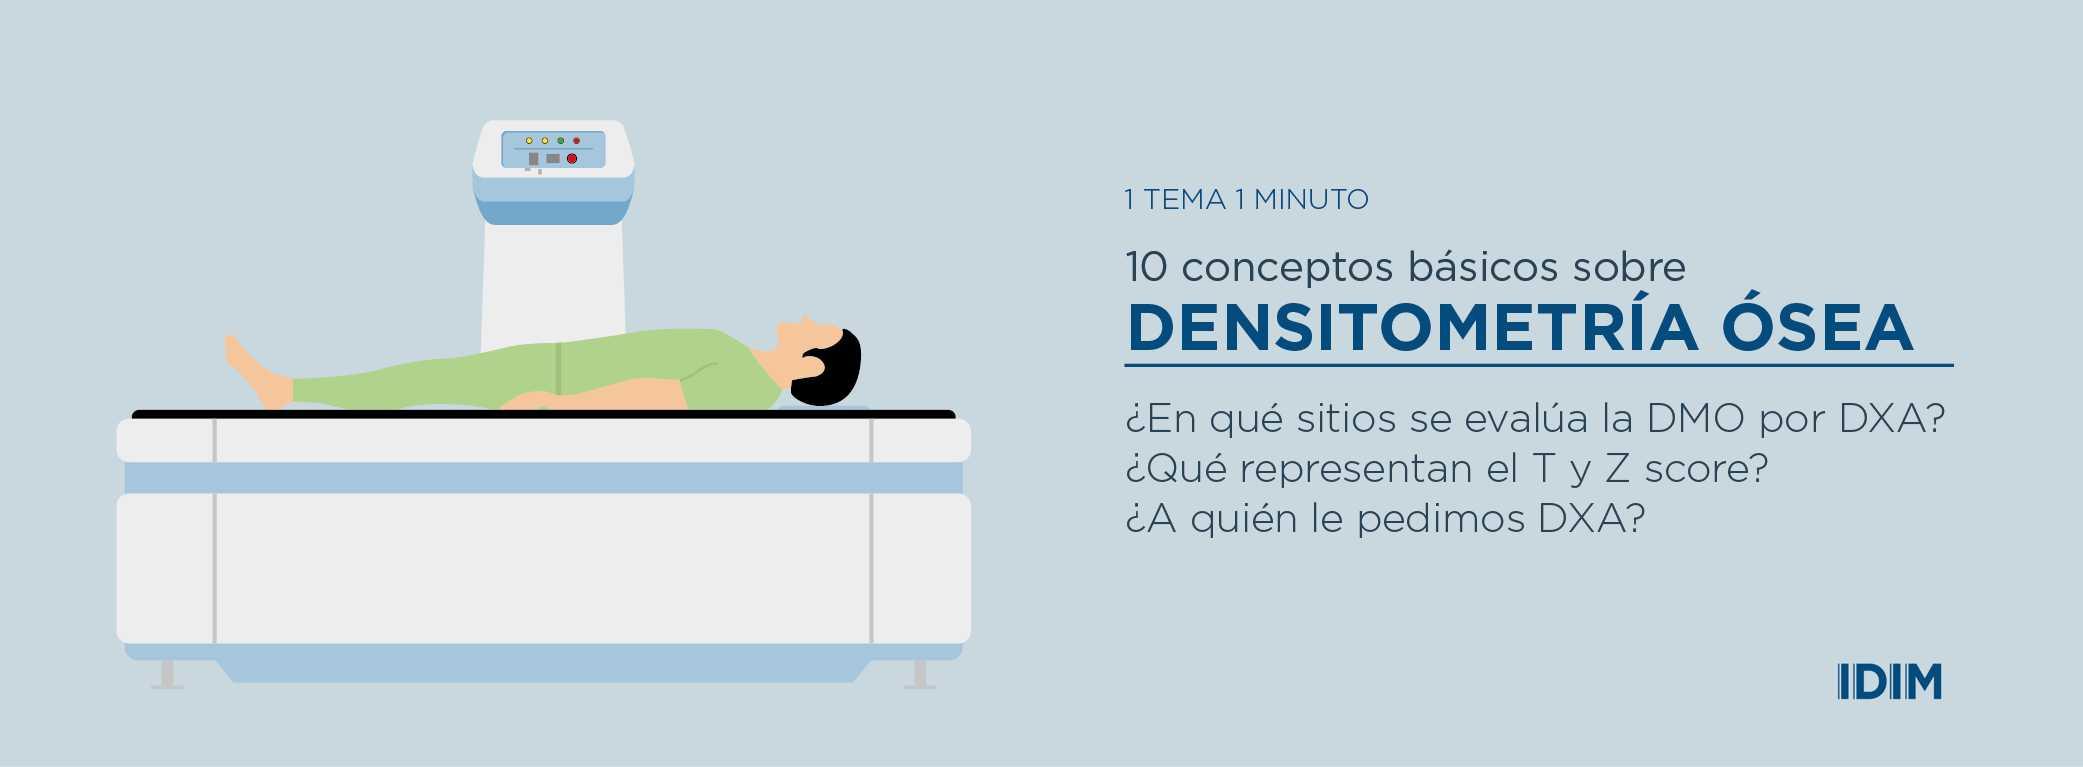 10 conceptos básicos de la densitometría ósea